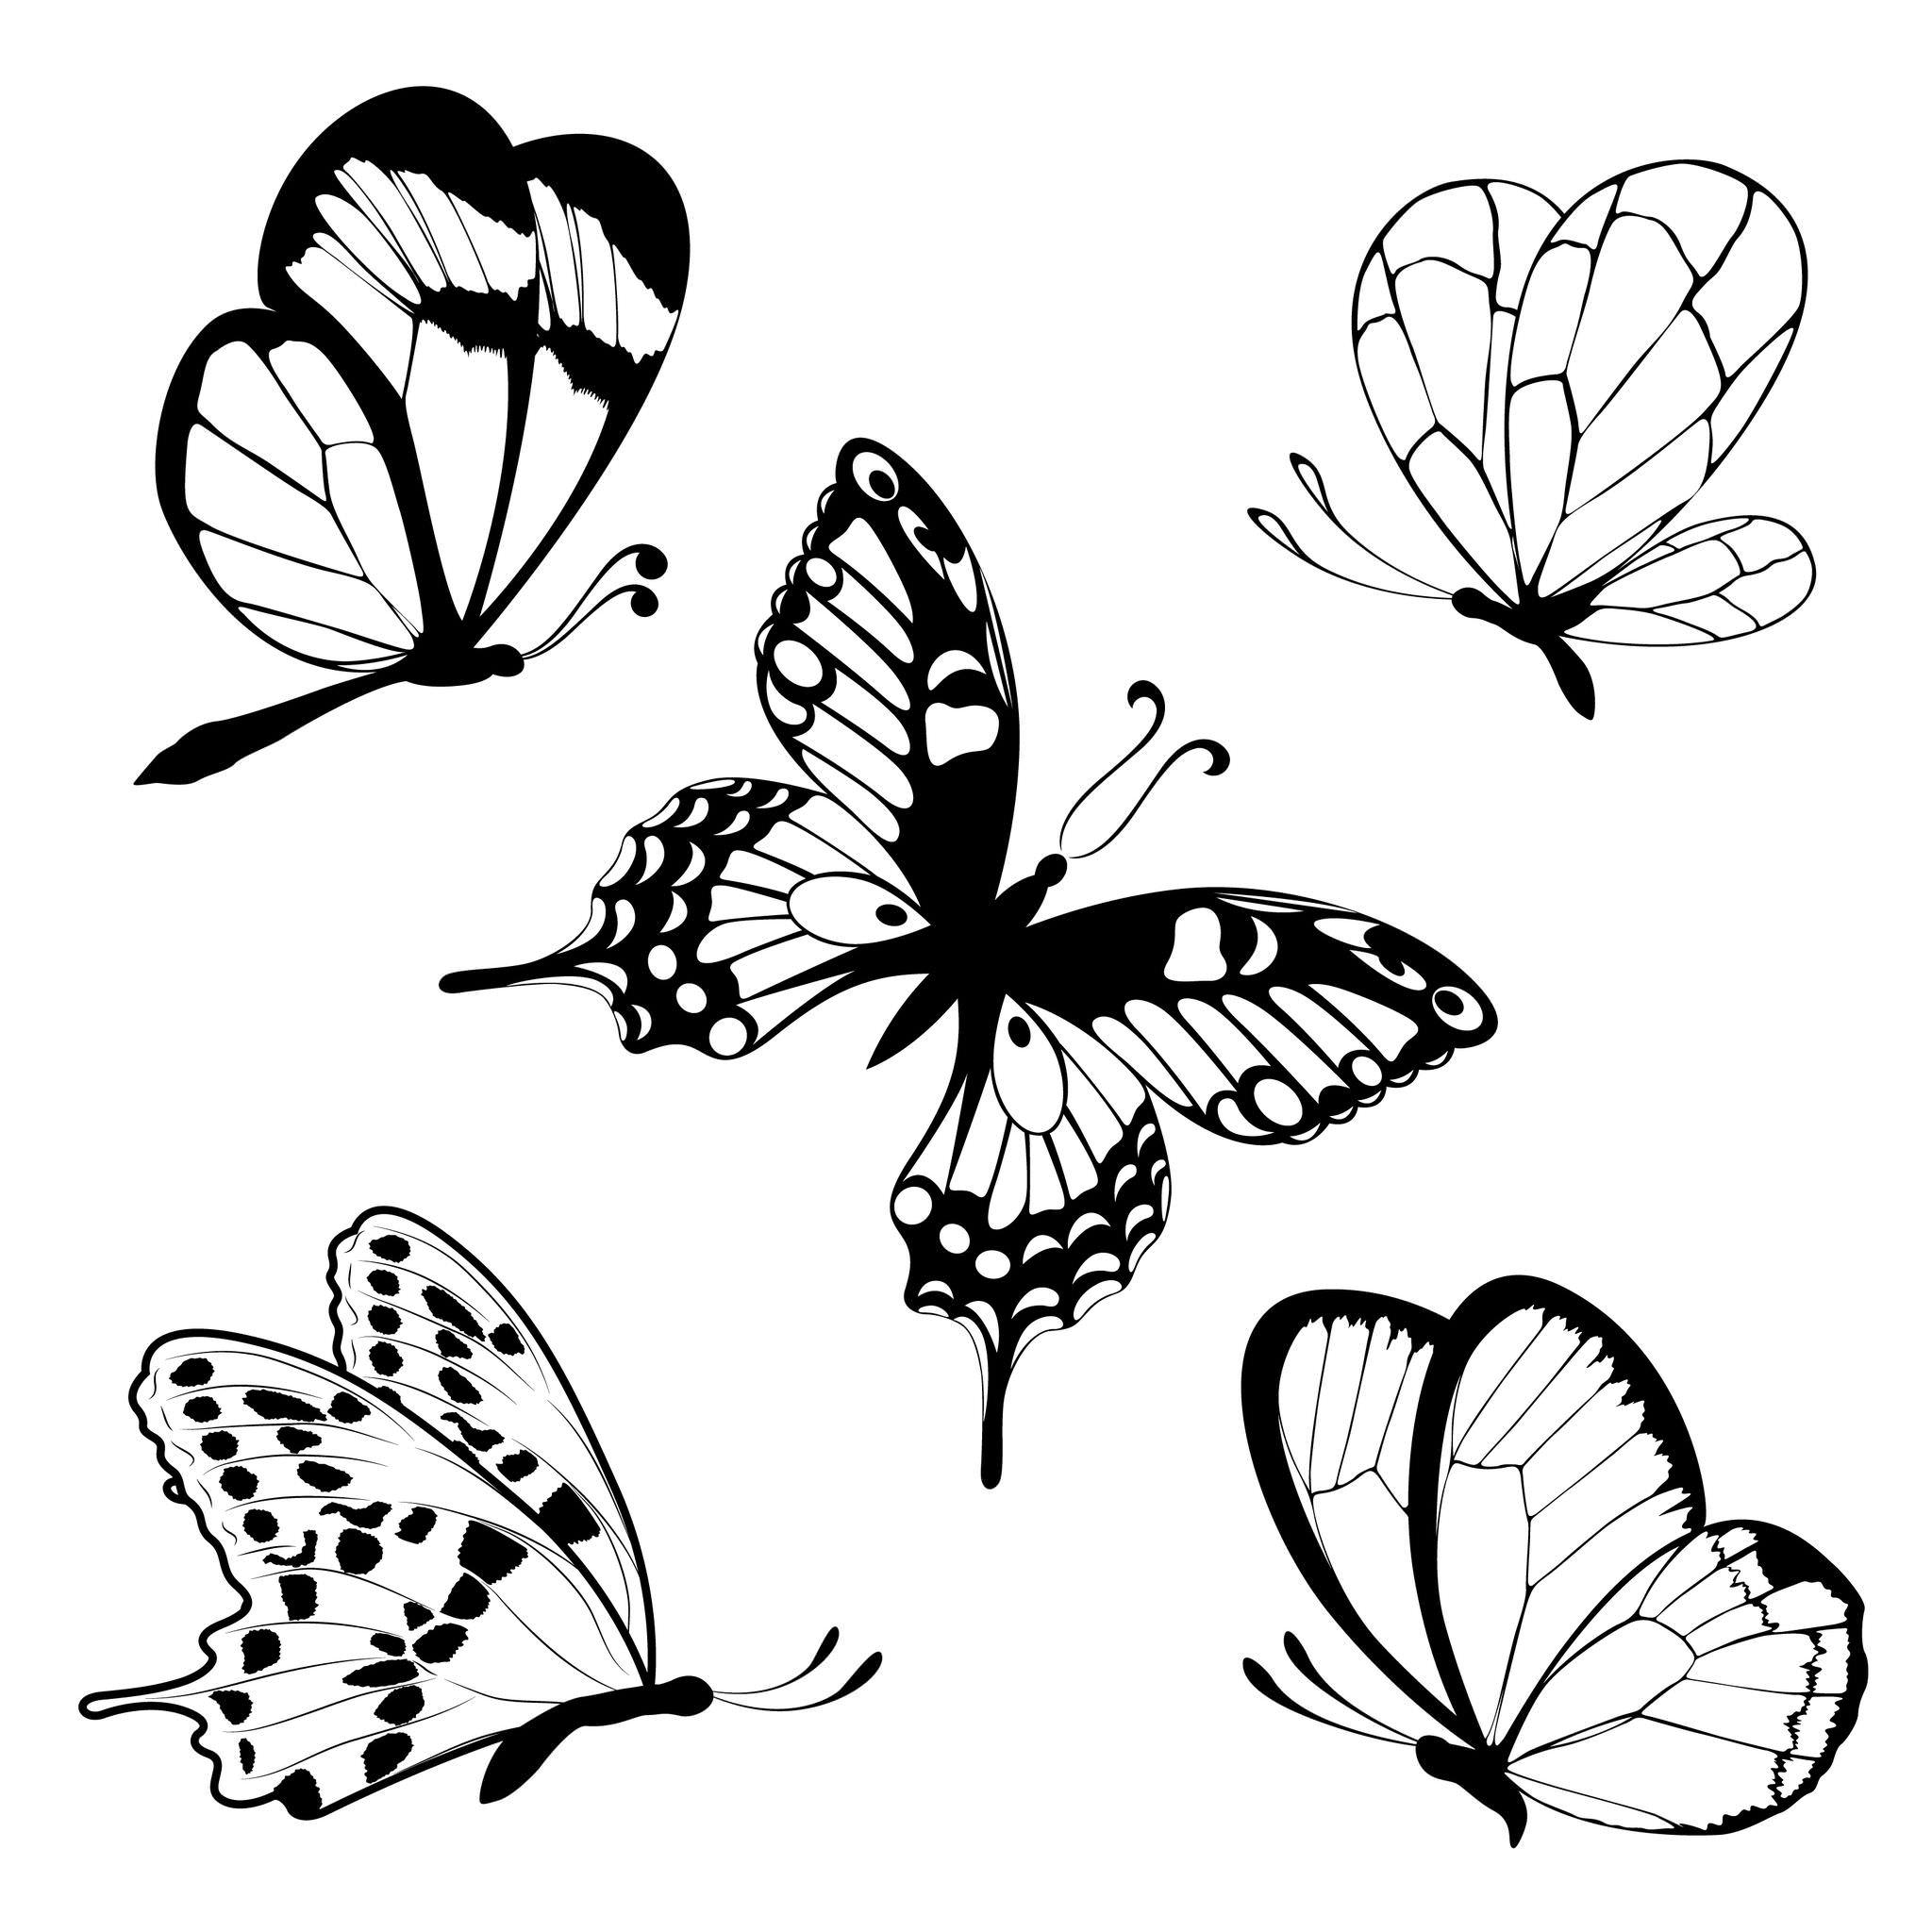 Coloriage Papillons - Facile intérieur Dessin Papillon À Colorier